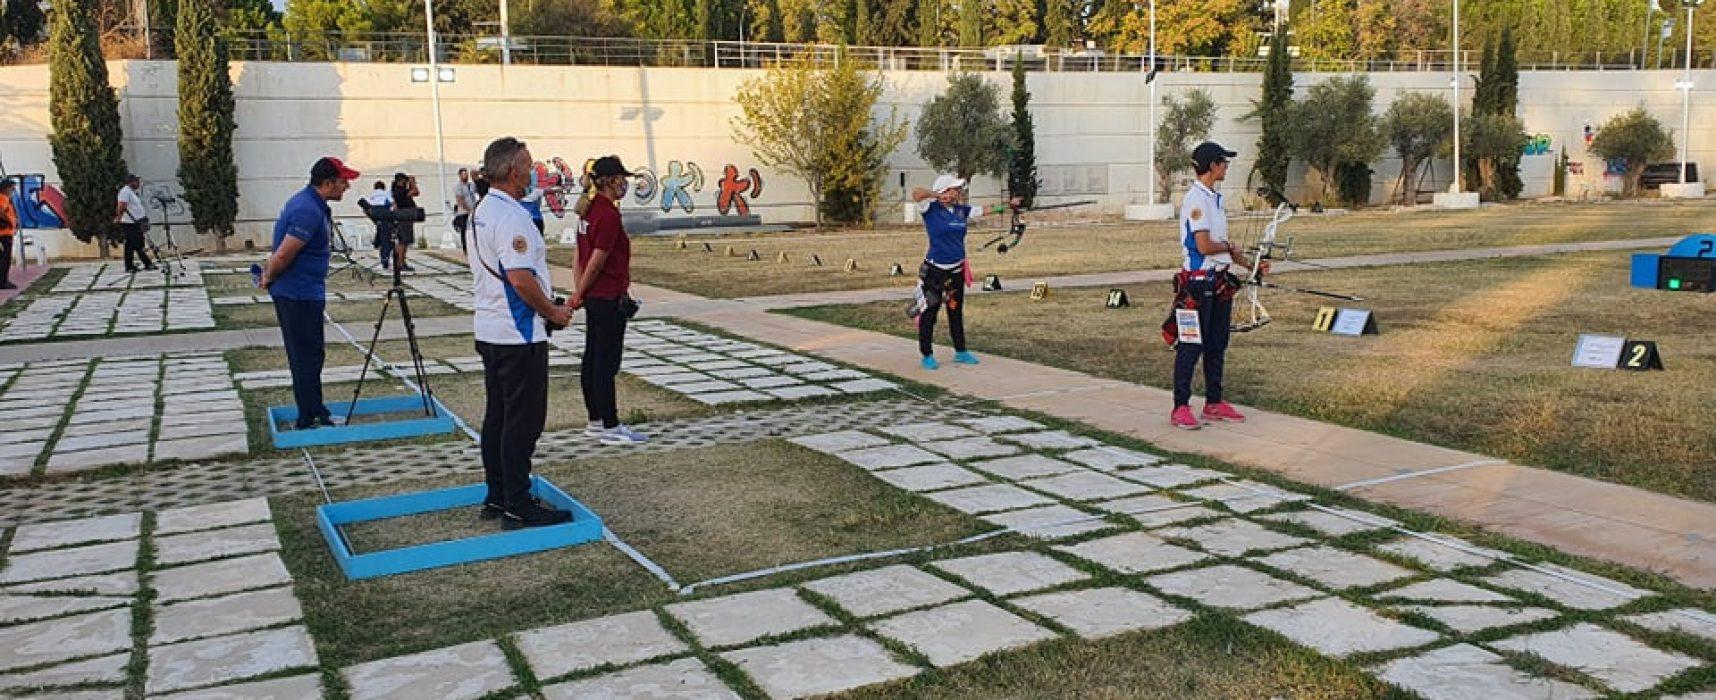 Tα αποτελέσματα στους τελικούς του Κυπέλλου Ελλάδας 2020